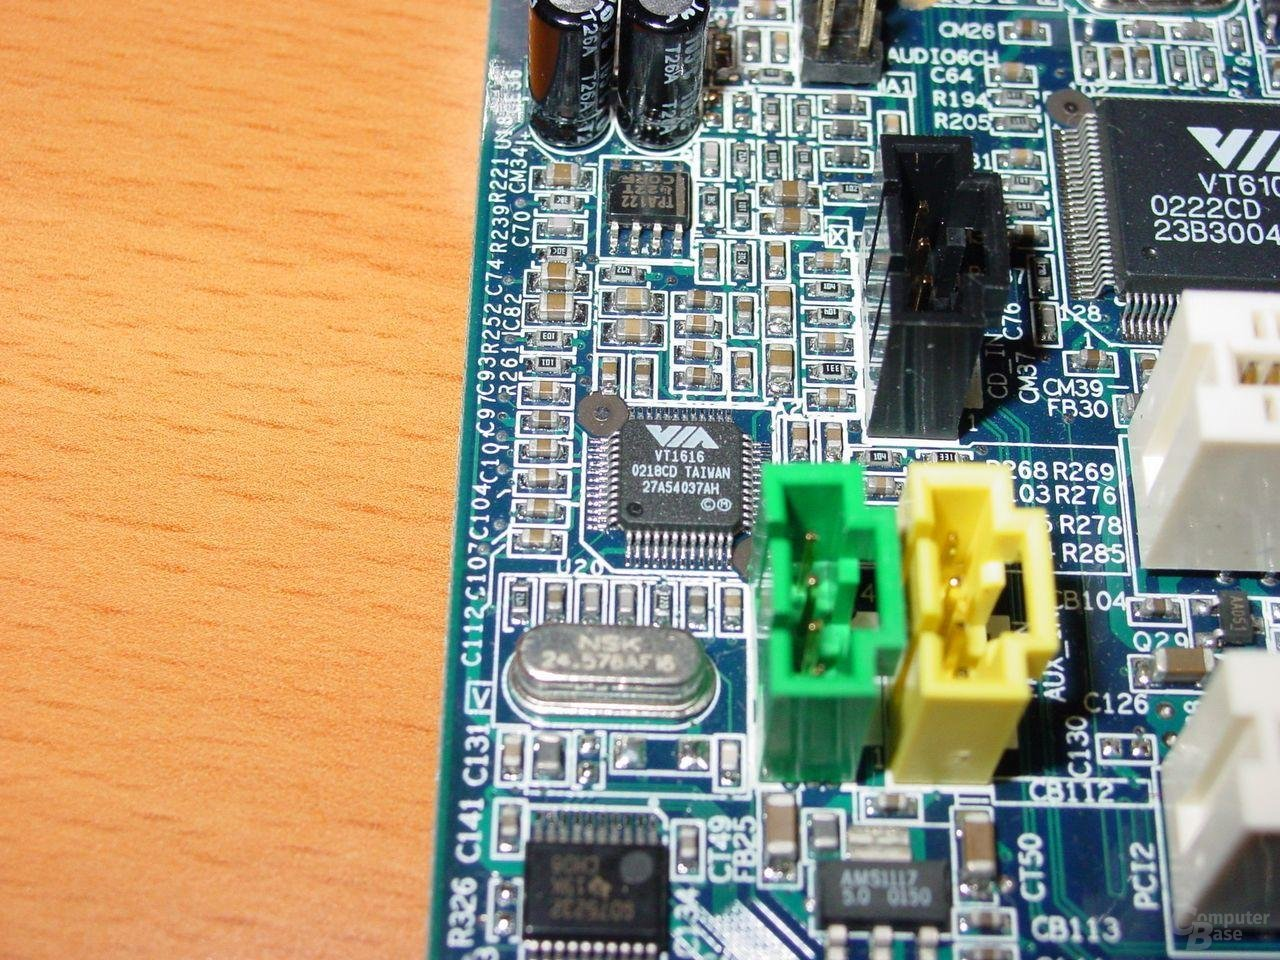 VT1616 Sound Codec